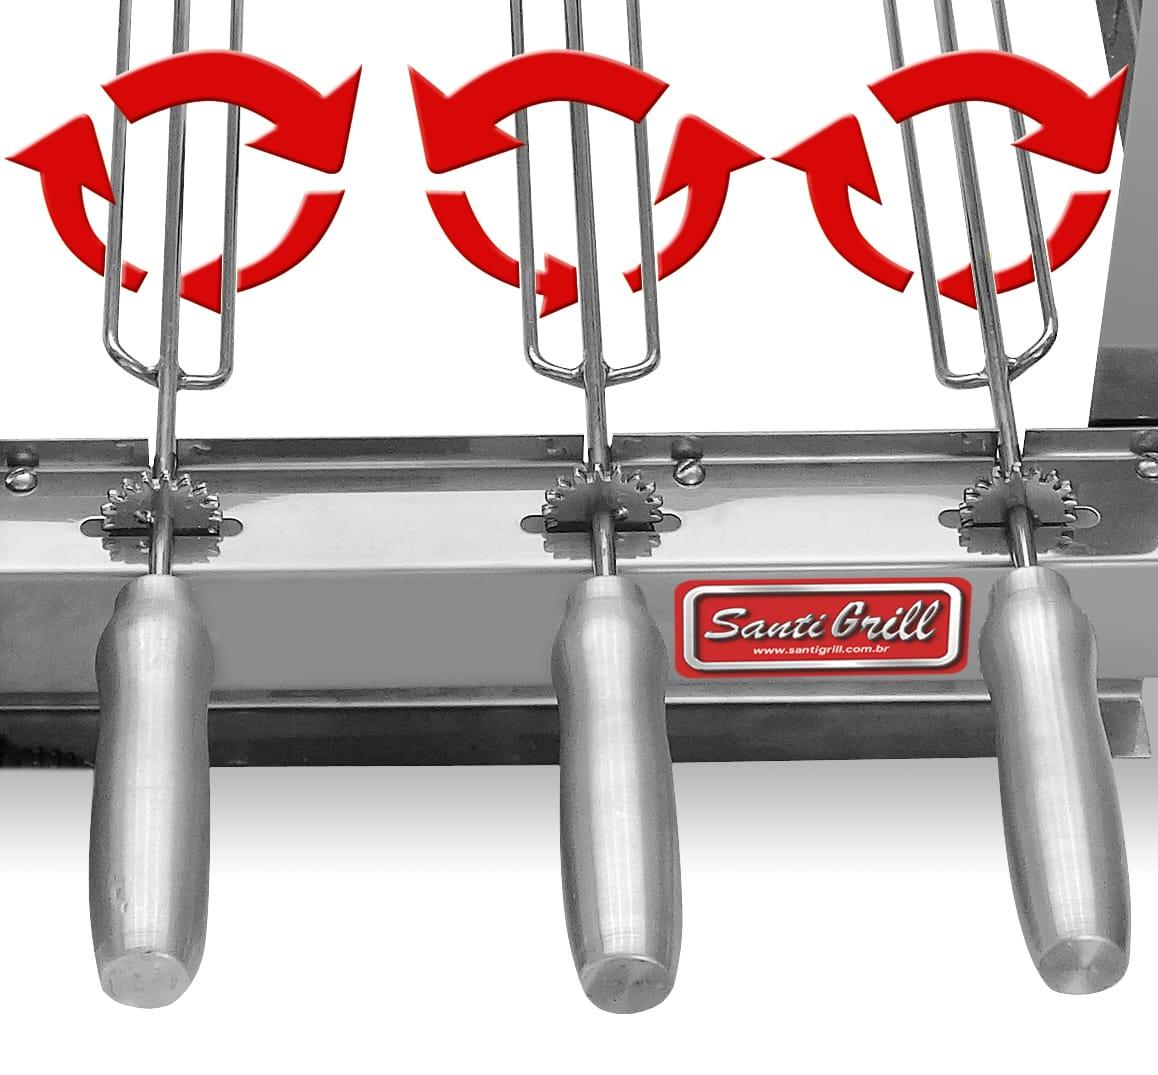 Grill giratória e rotatória elétrica 3 espetos